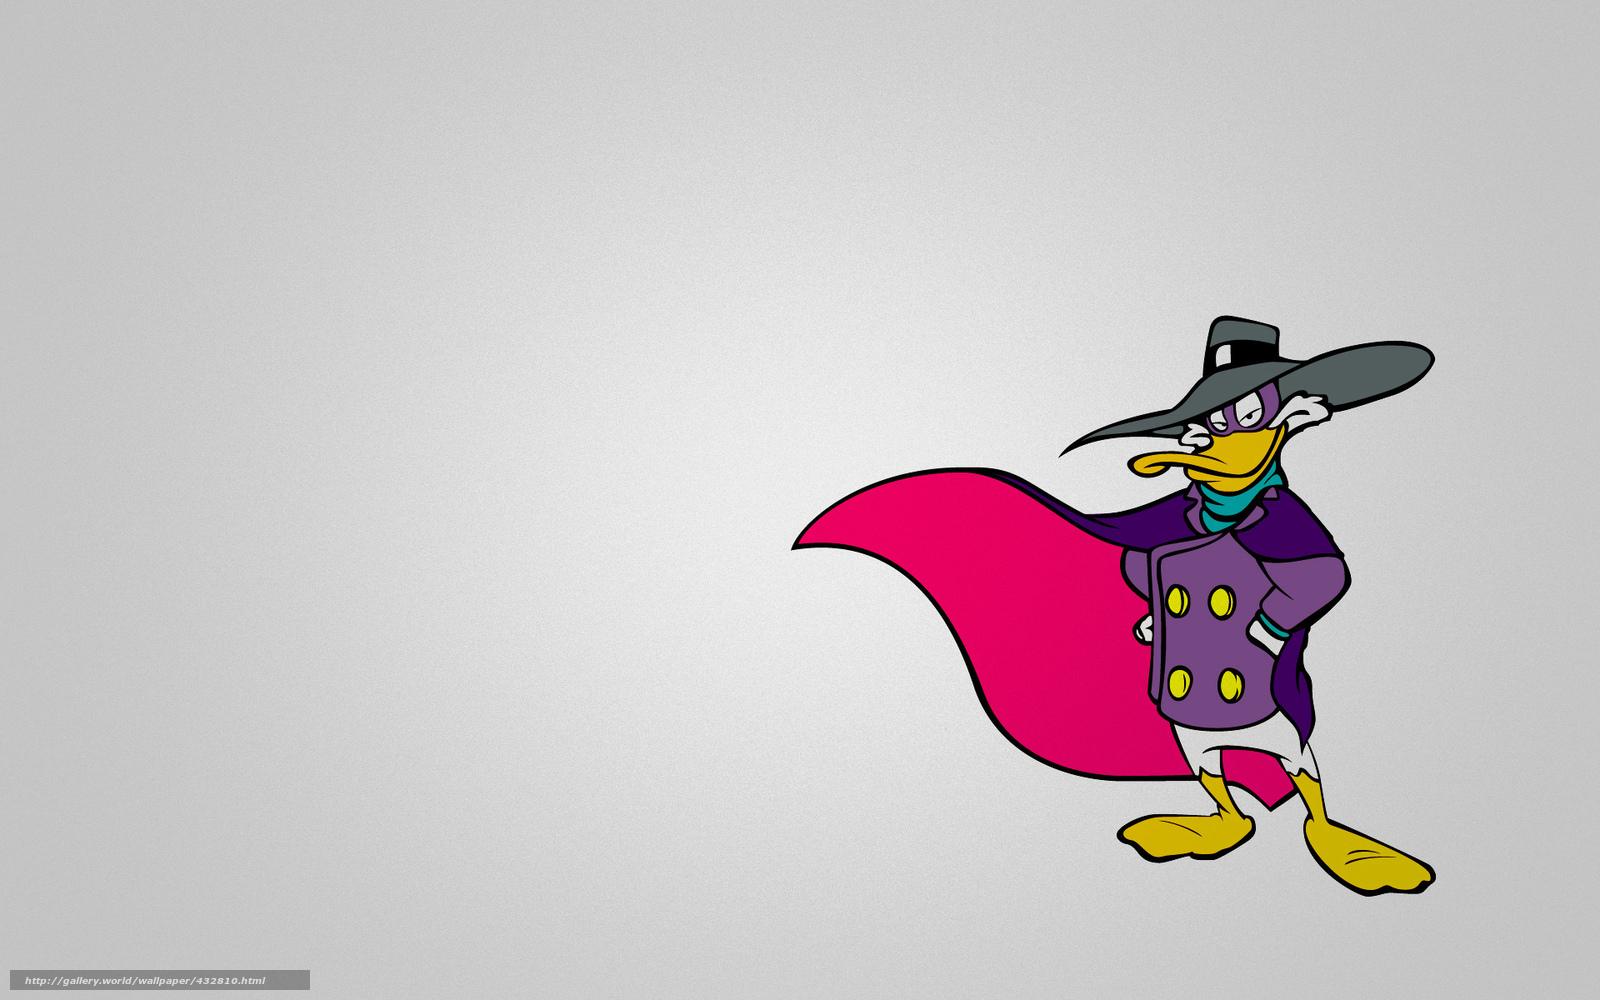 Скачать обои черный плащ,  селезень,  ЧП,  darkwing duck бесплатно для рабочего стола в разрешении 1920x1200 — картинка №432810